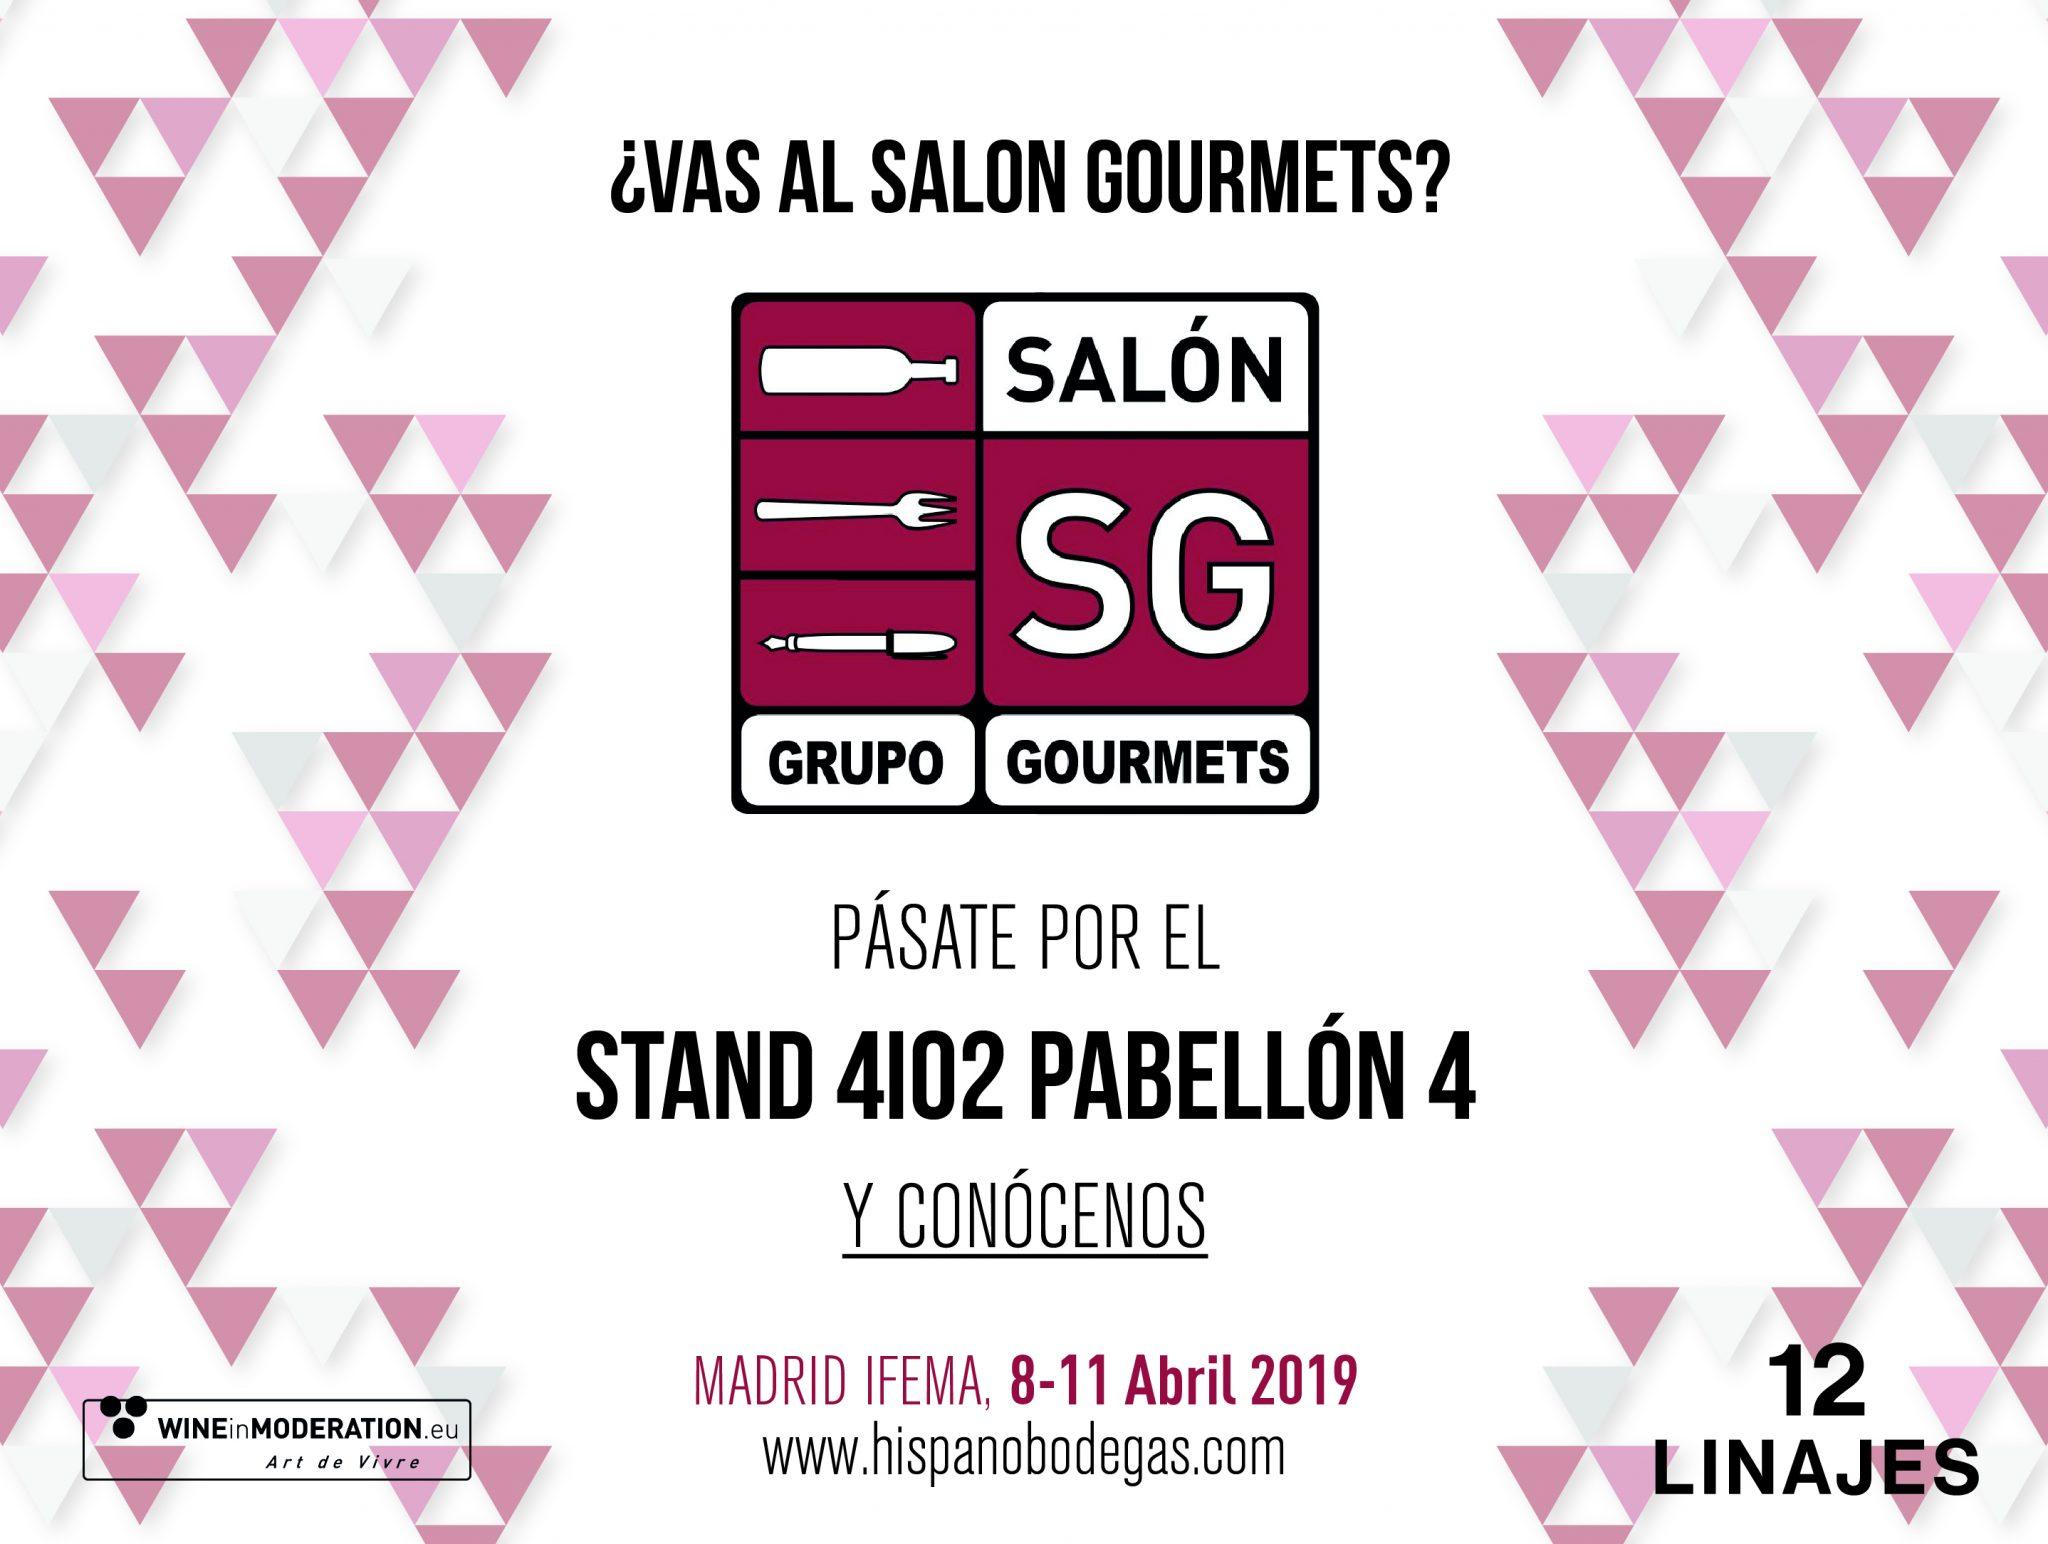 12 Linajes, ready for Salón Gourmets